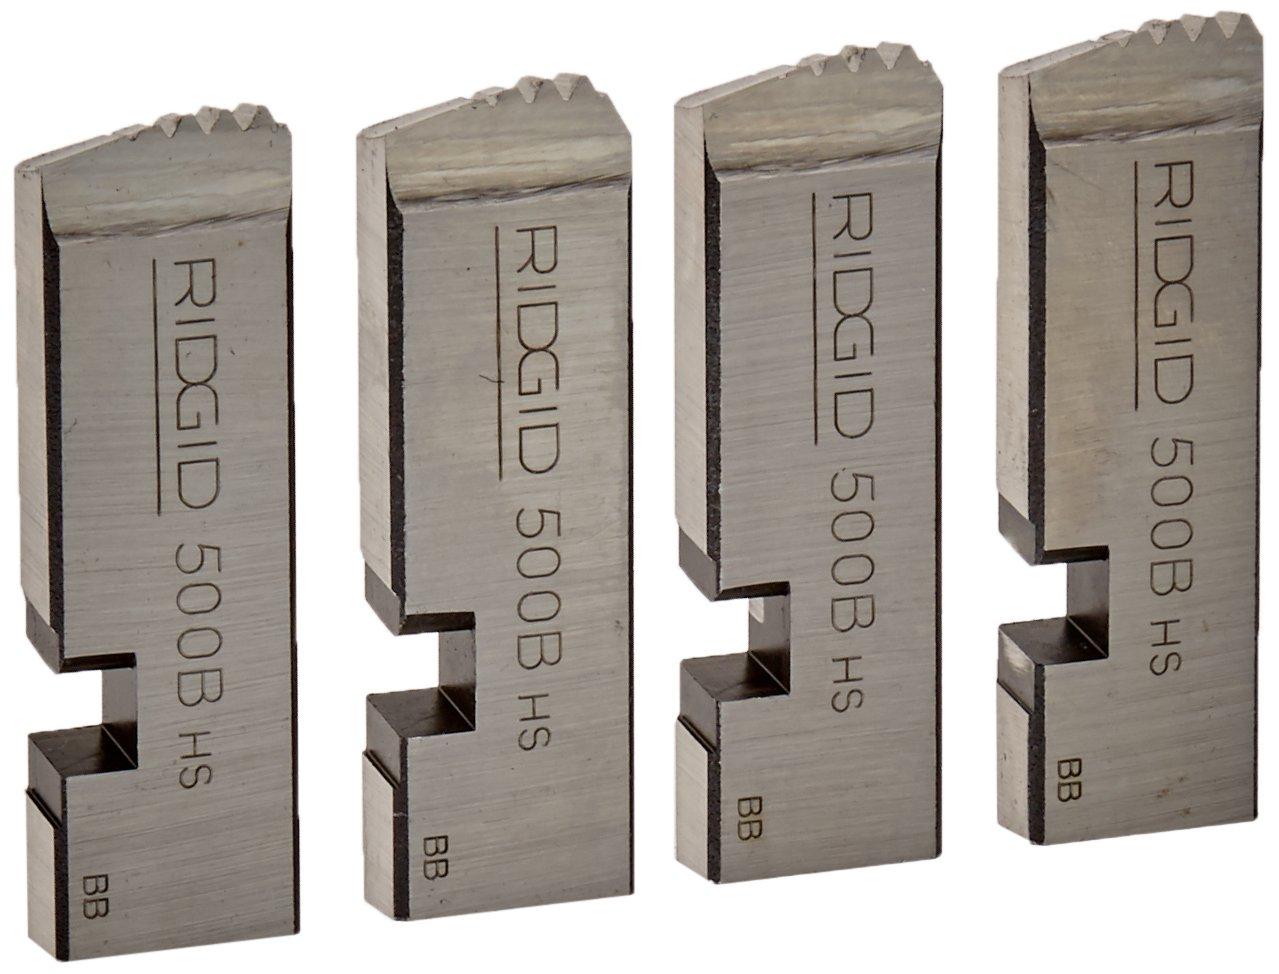 Ridgid 48645 7/8-inch 500B High Speed Bolt Dies by Ridgid  B001AI002O